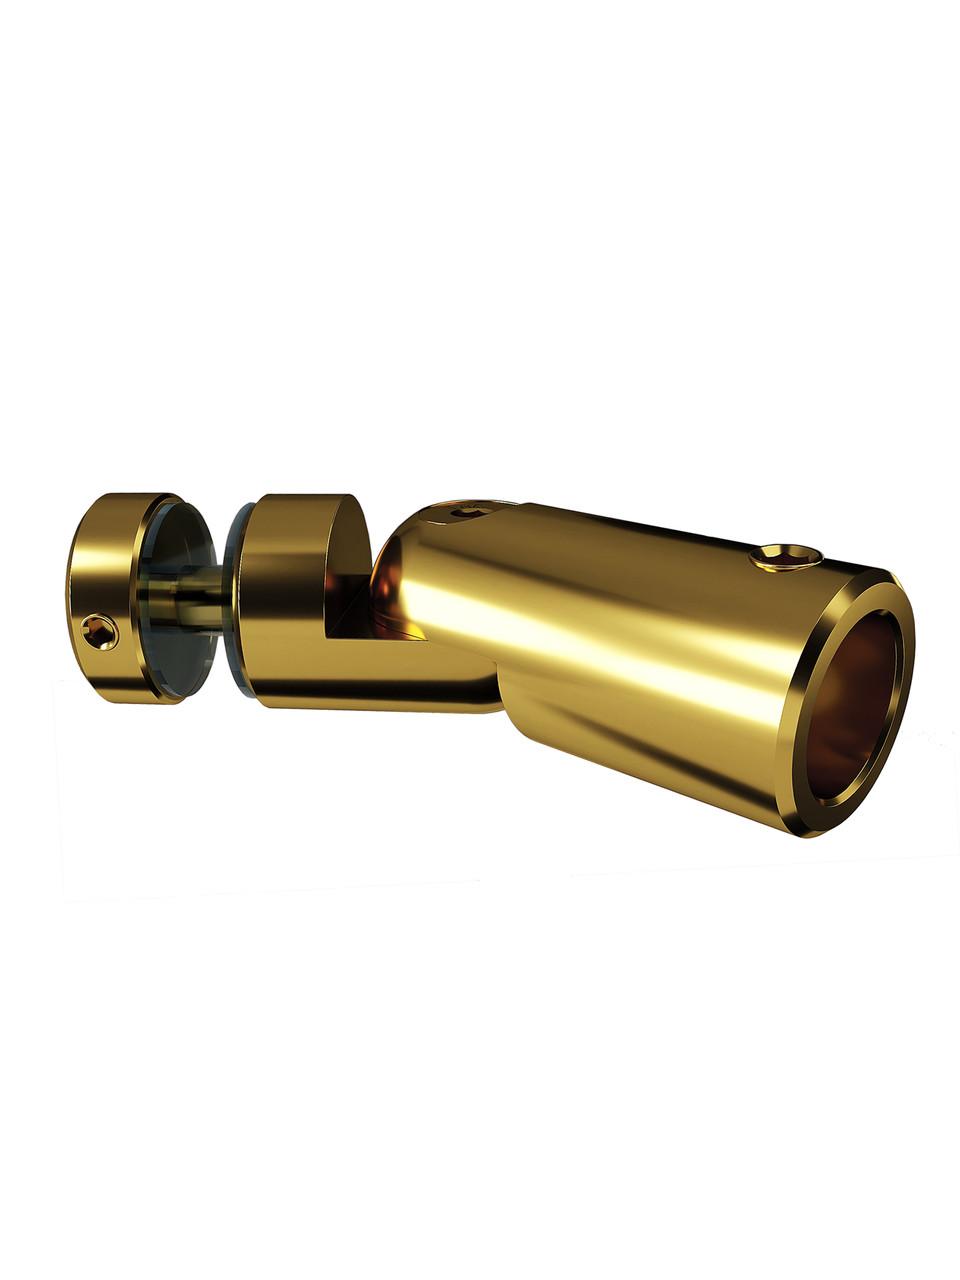 ODF-09-24-10 Кріплення душової штанги 16 мм до скла через отвір, регульоване, колір золото